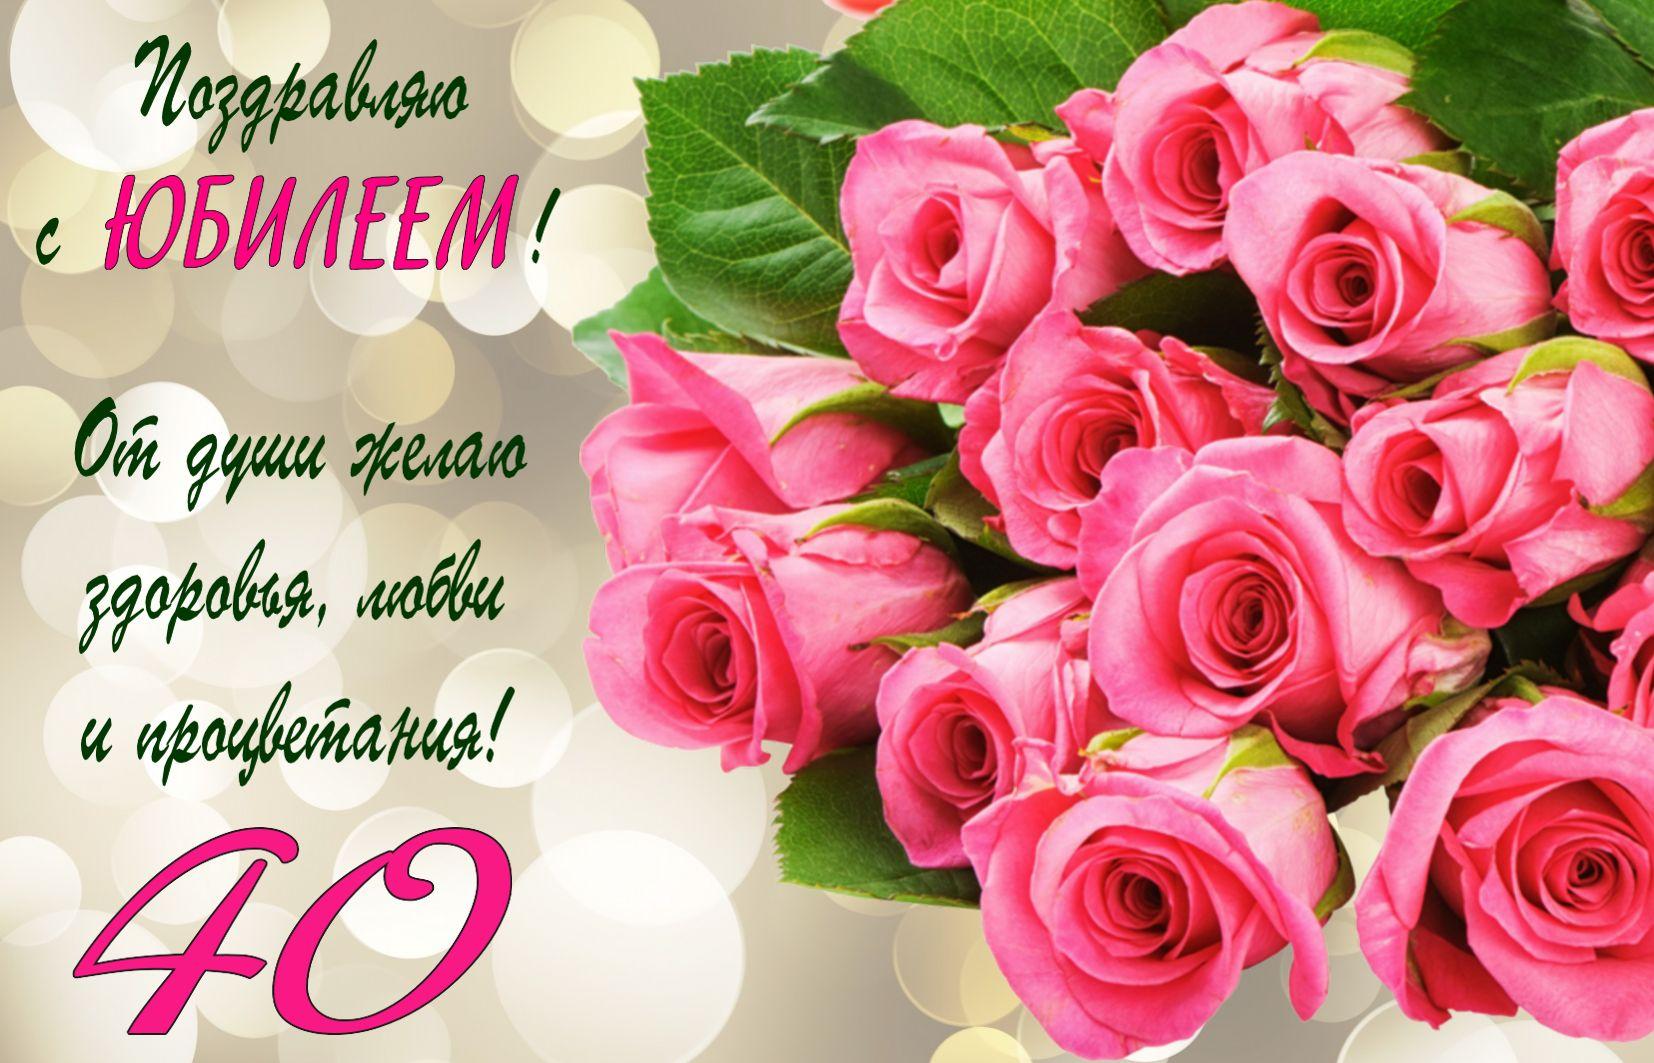 Открытка на юбилей 40 лет - букет розовых роз и поздравление женщине